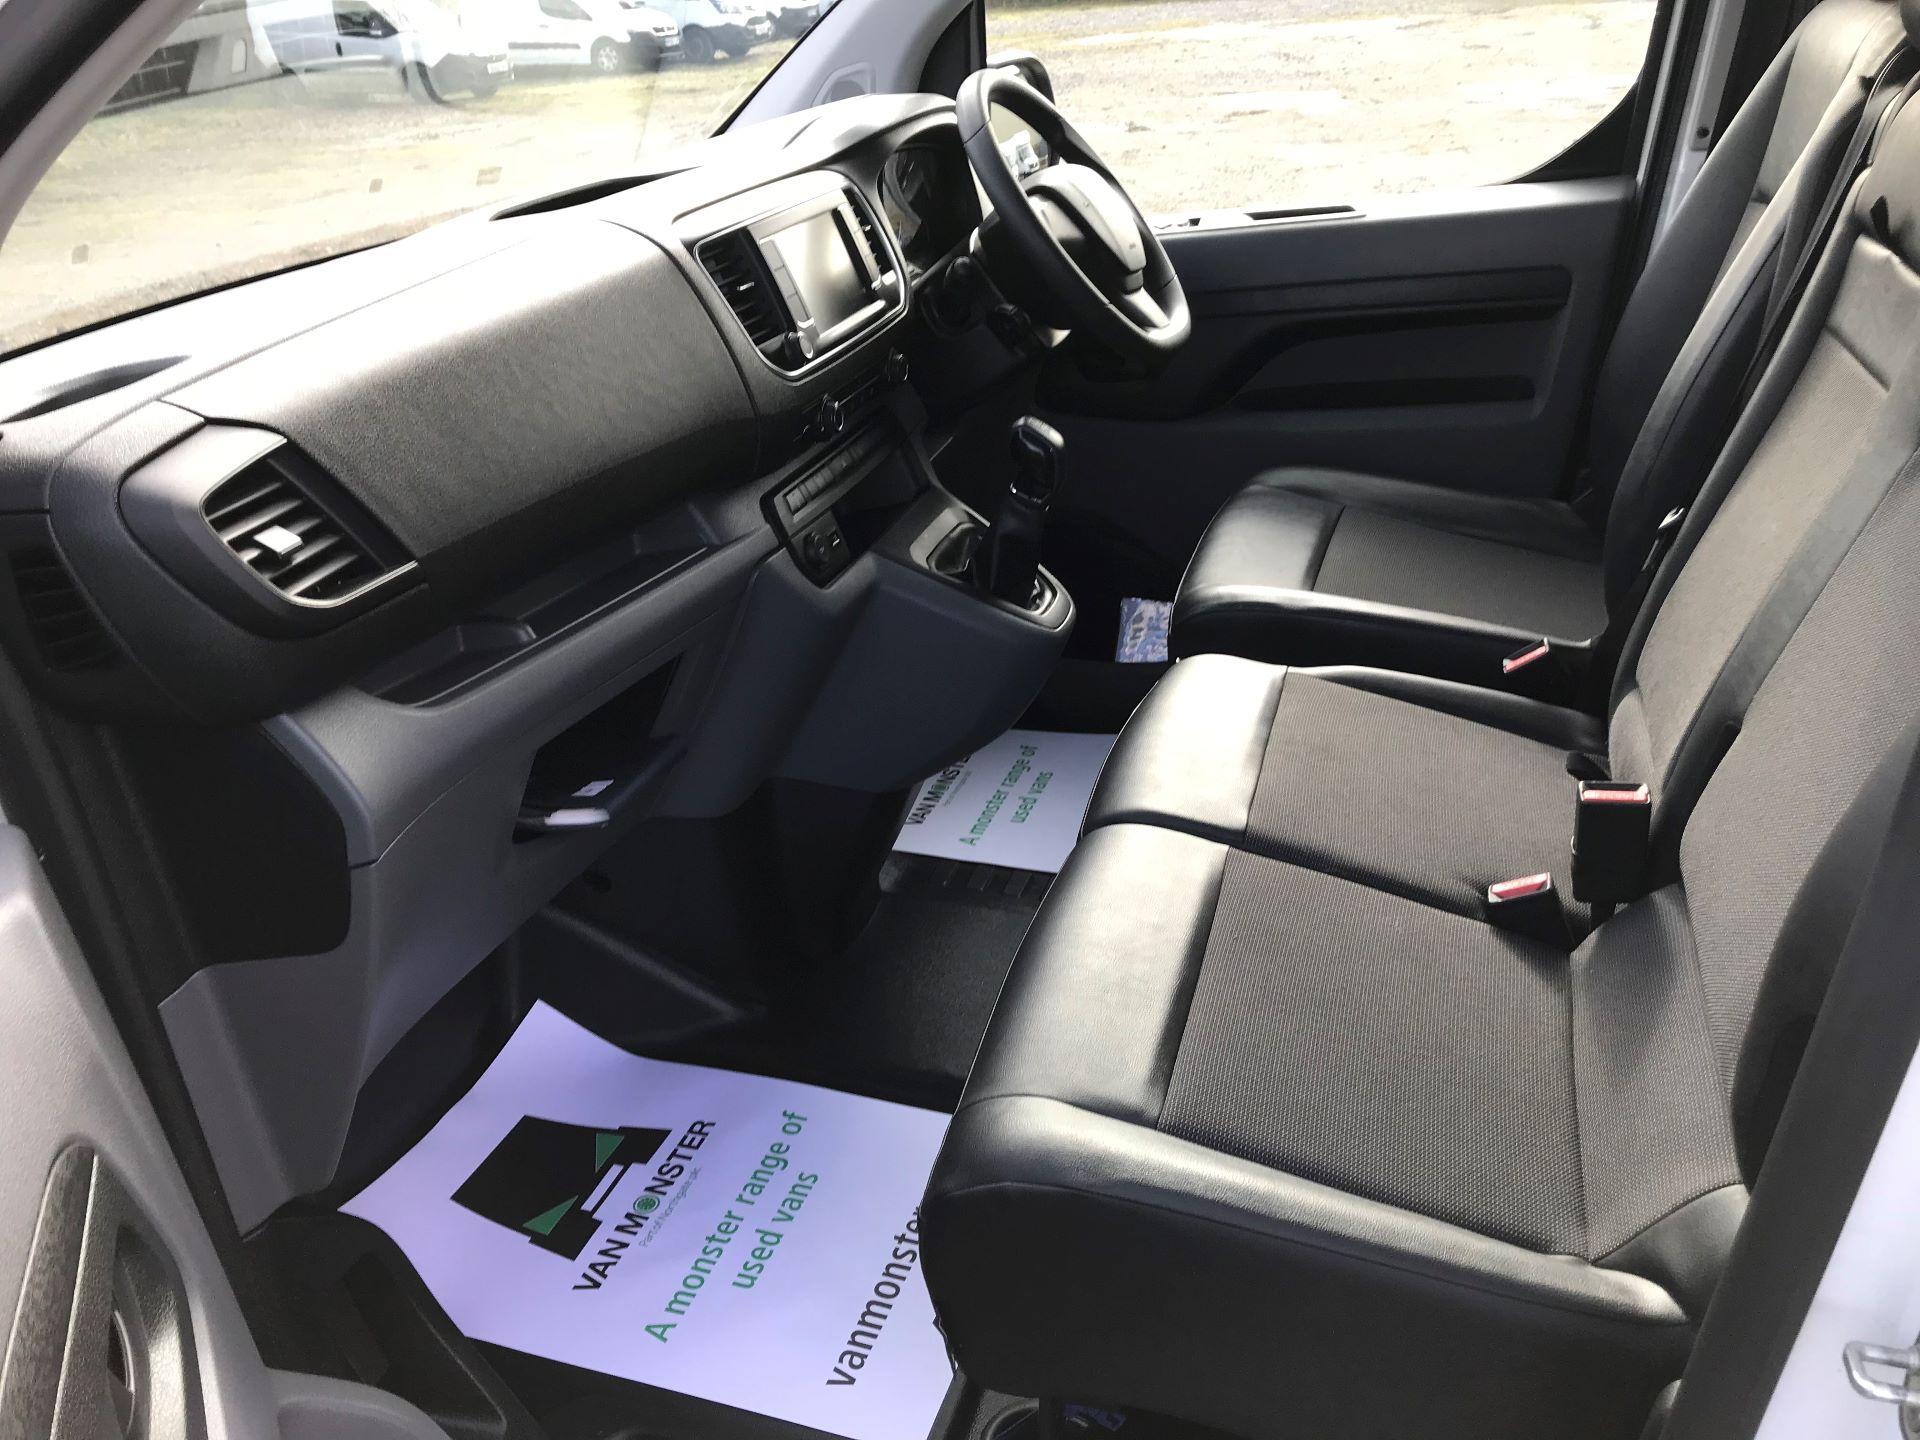 2018 Peugeot Expert  STANDARD 1000 1.6 BLUEHDI 95 S EURO 6 (NU68OFJ) Image 22